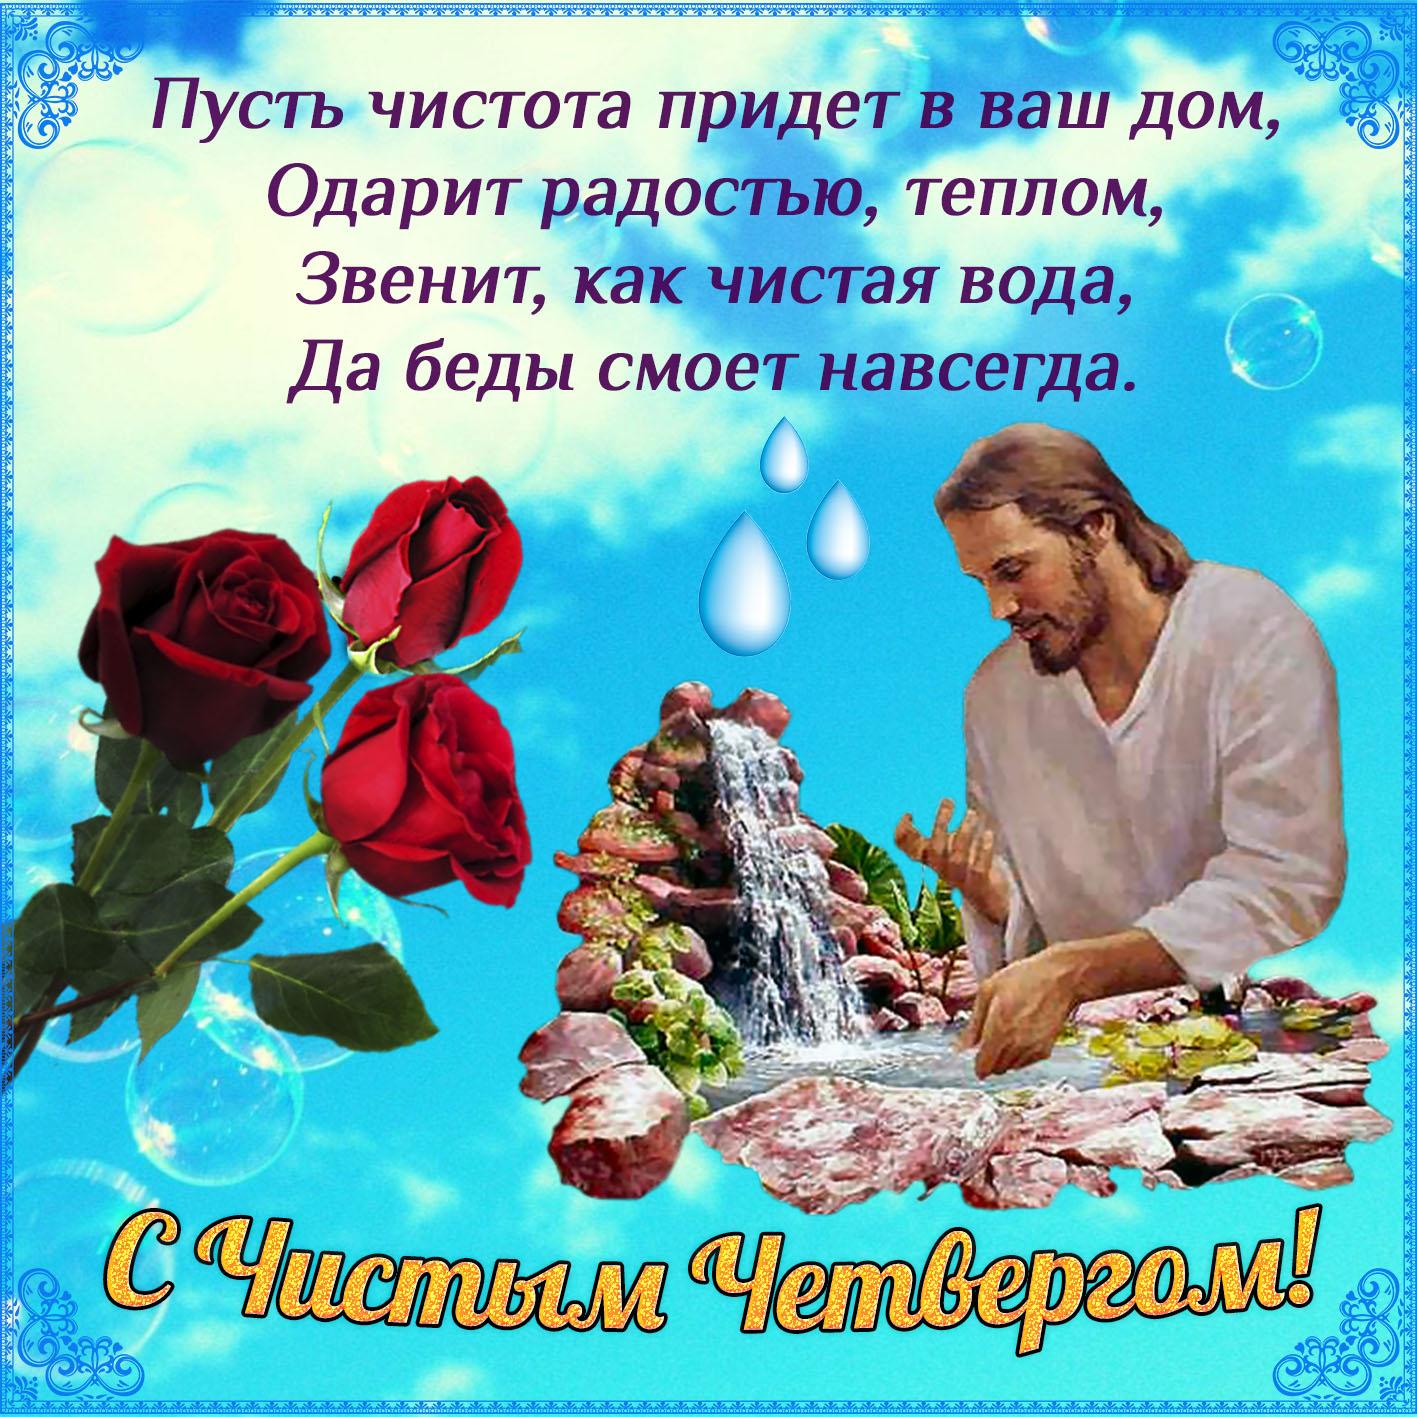 Картинка с Господом у водопада к Чистому четвергу